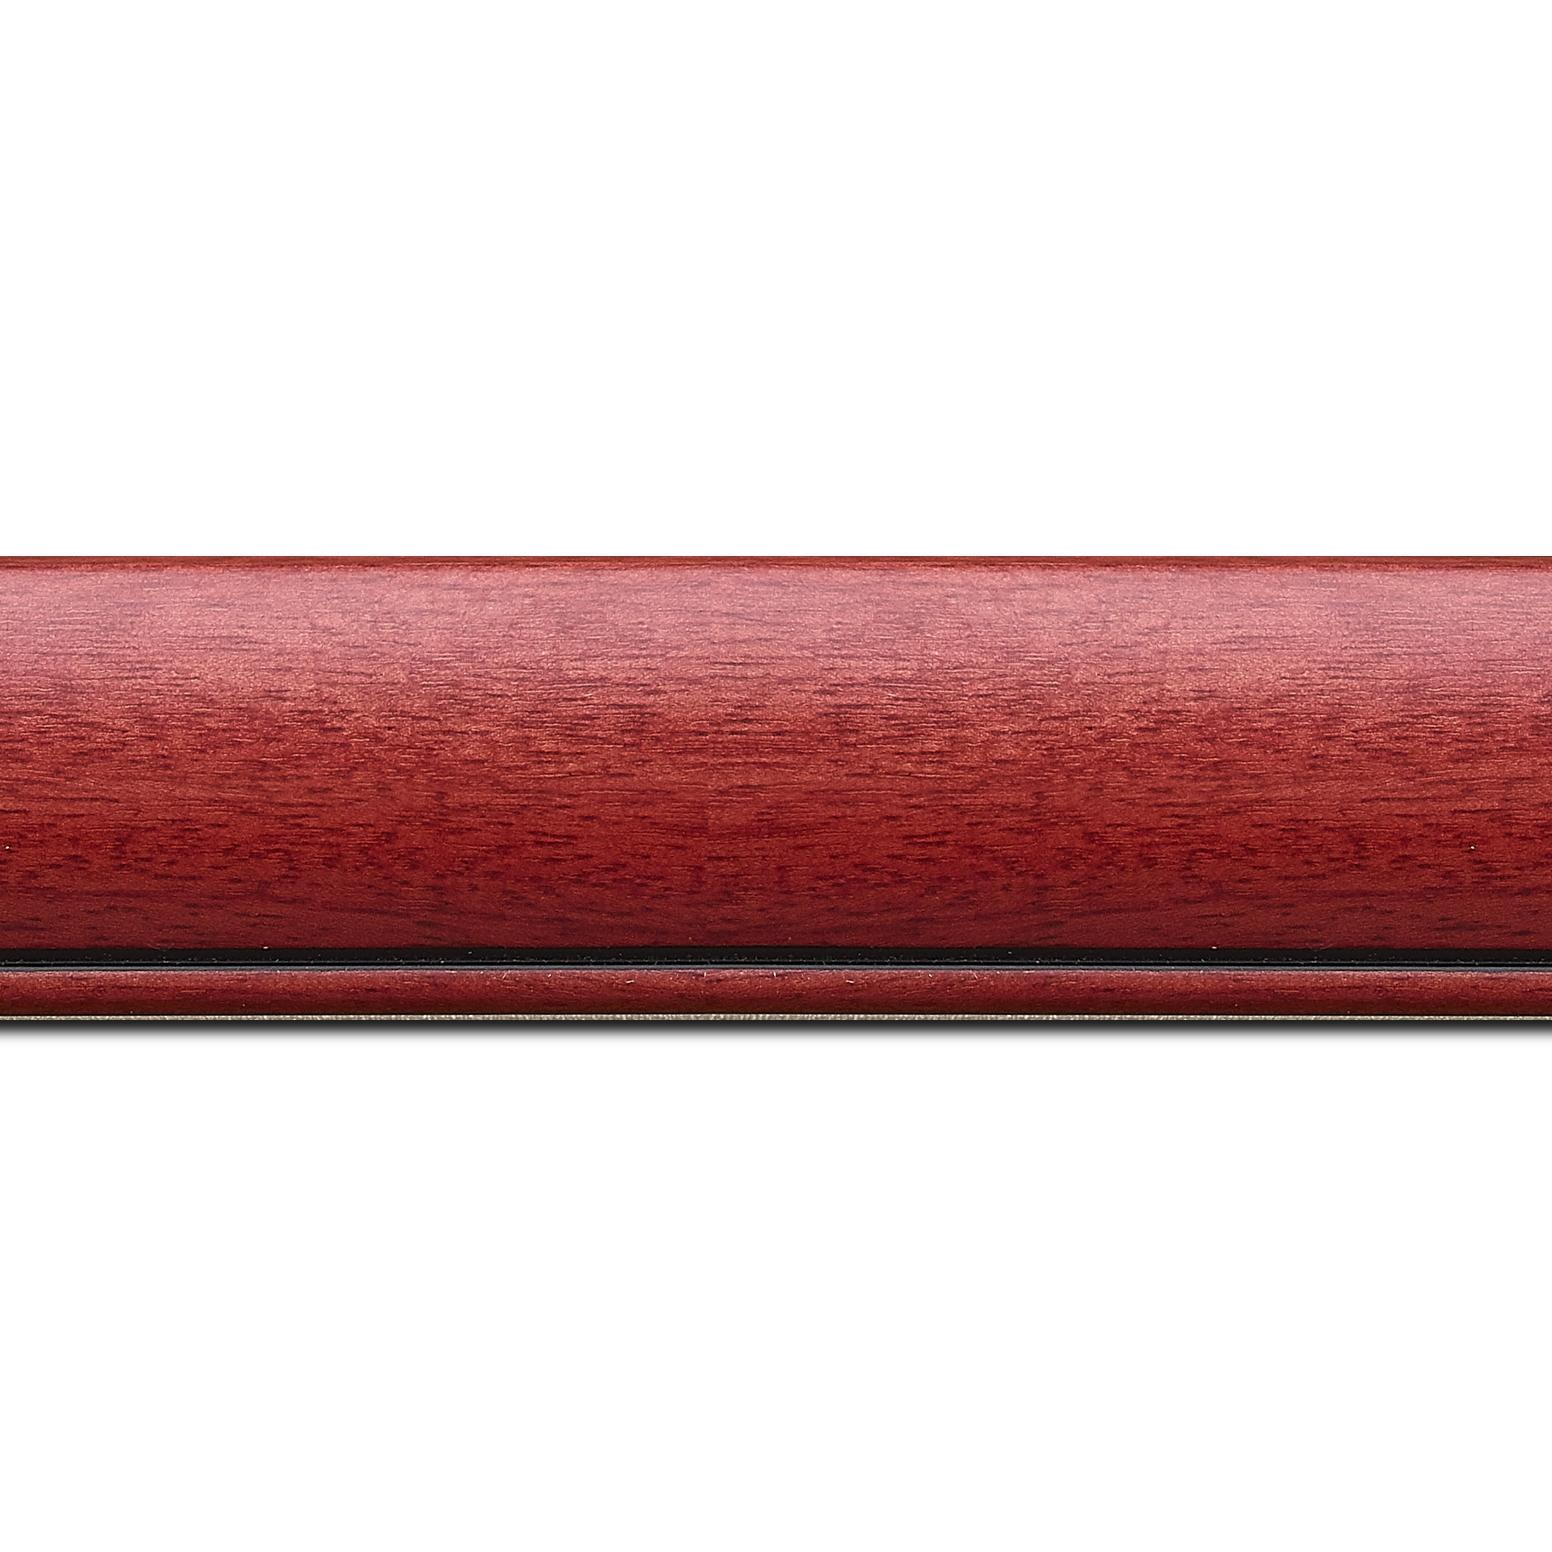 Baguette longueur 1.40m bois profil arrondi largeur 4.7cm couleur rouge cerise satiné rehaussé d'un filet noir